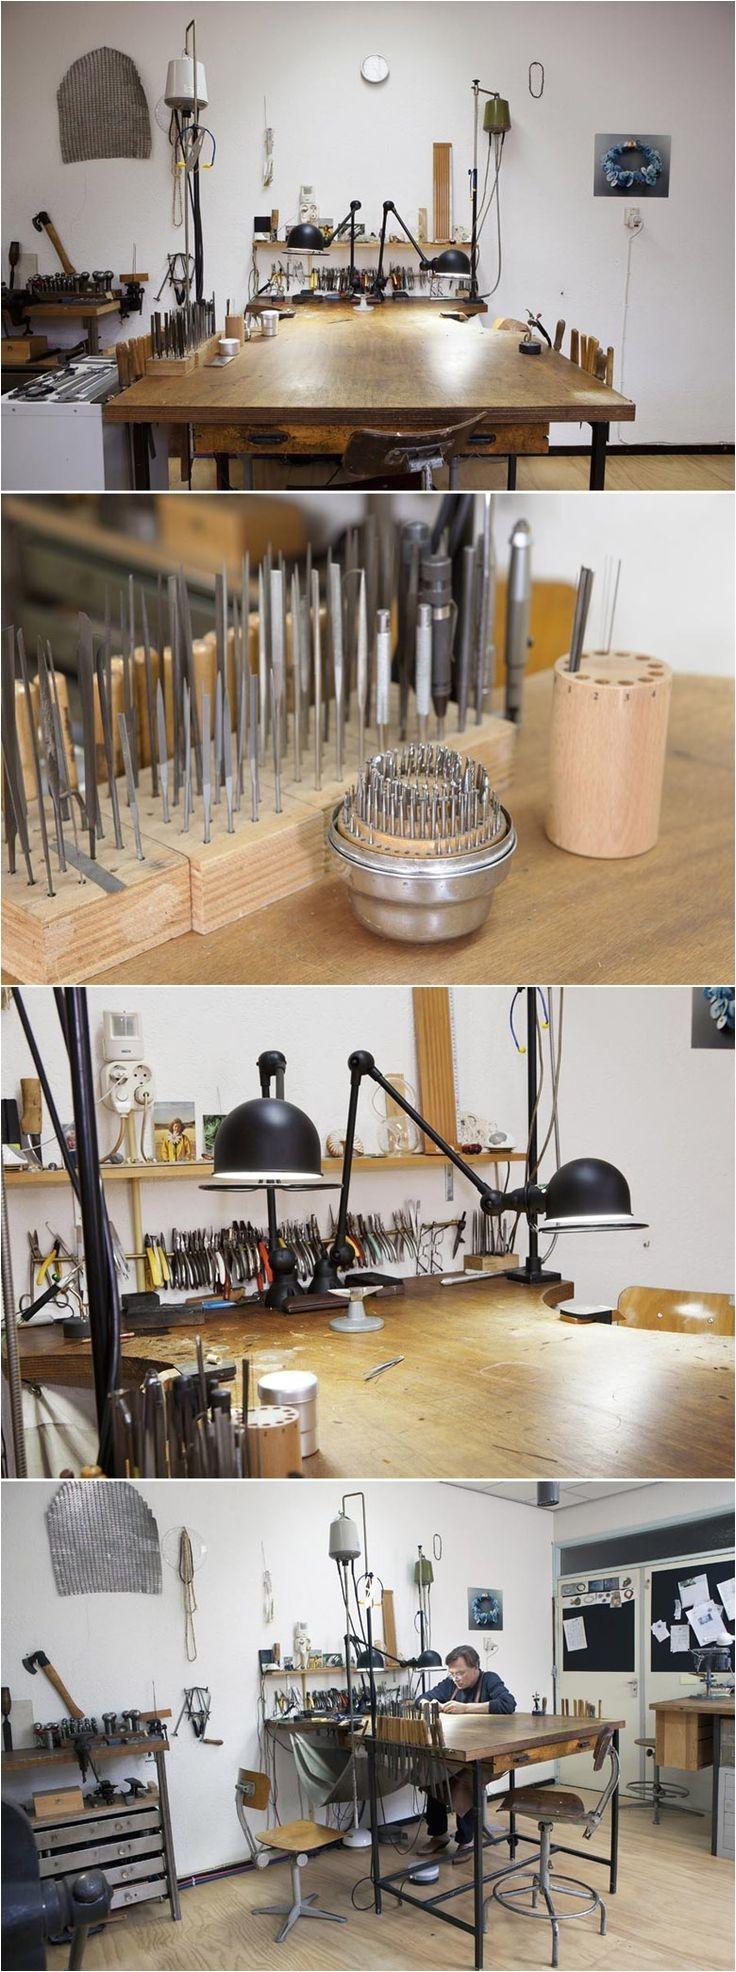 goldsmith ralph bakkers atelier http www ralphbakker nl web a websitejewelers workbenchjewelry